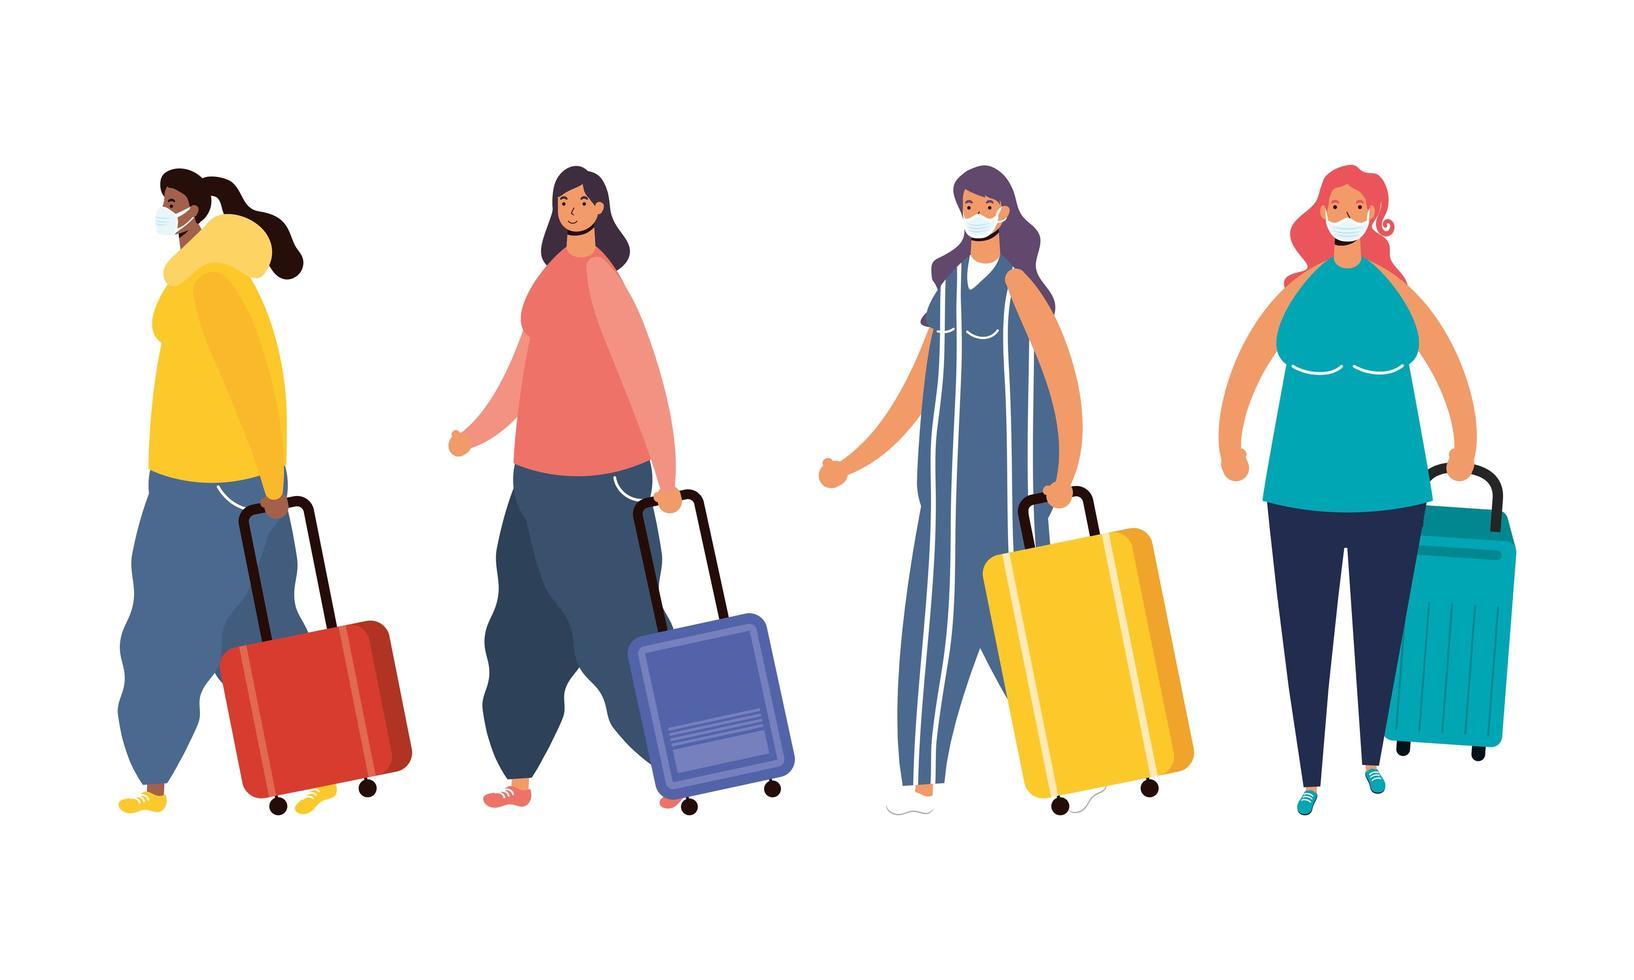 interraciale vrouwelijke reizigers met koffers avatar karakters vector